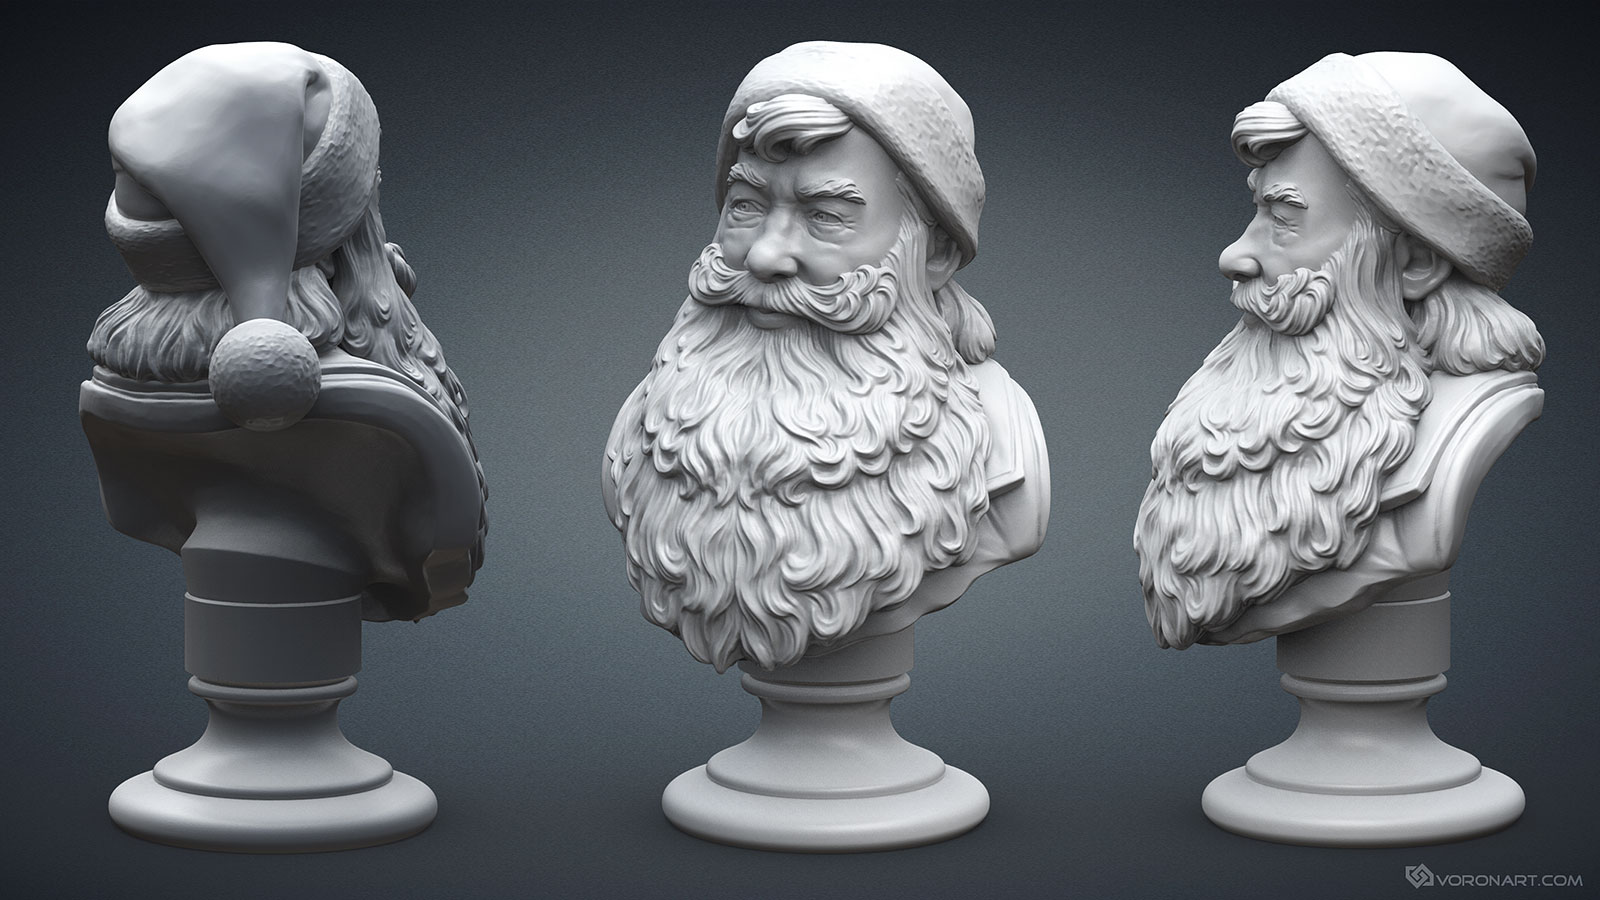 santa claus portrait 3d sculpture